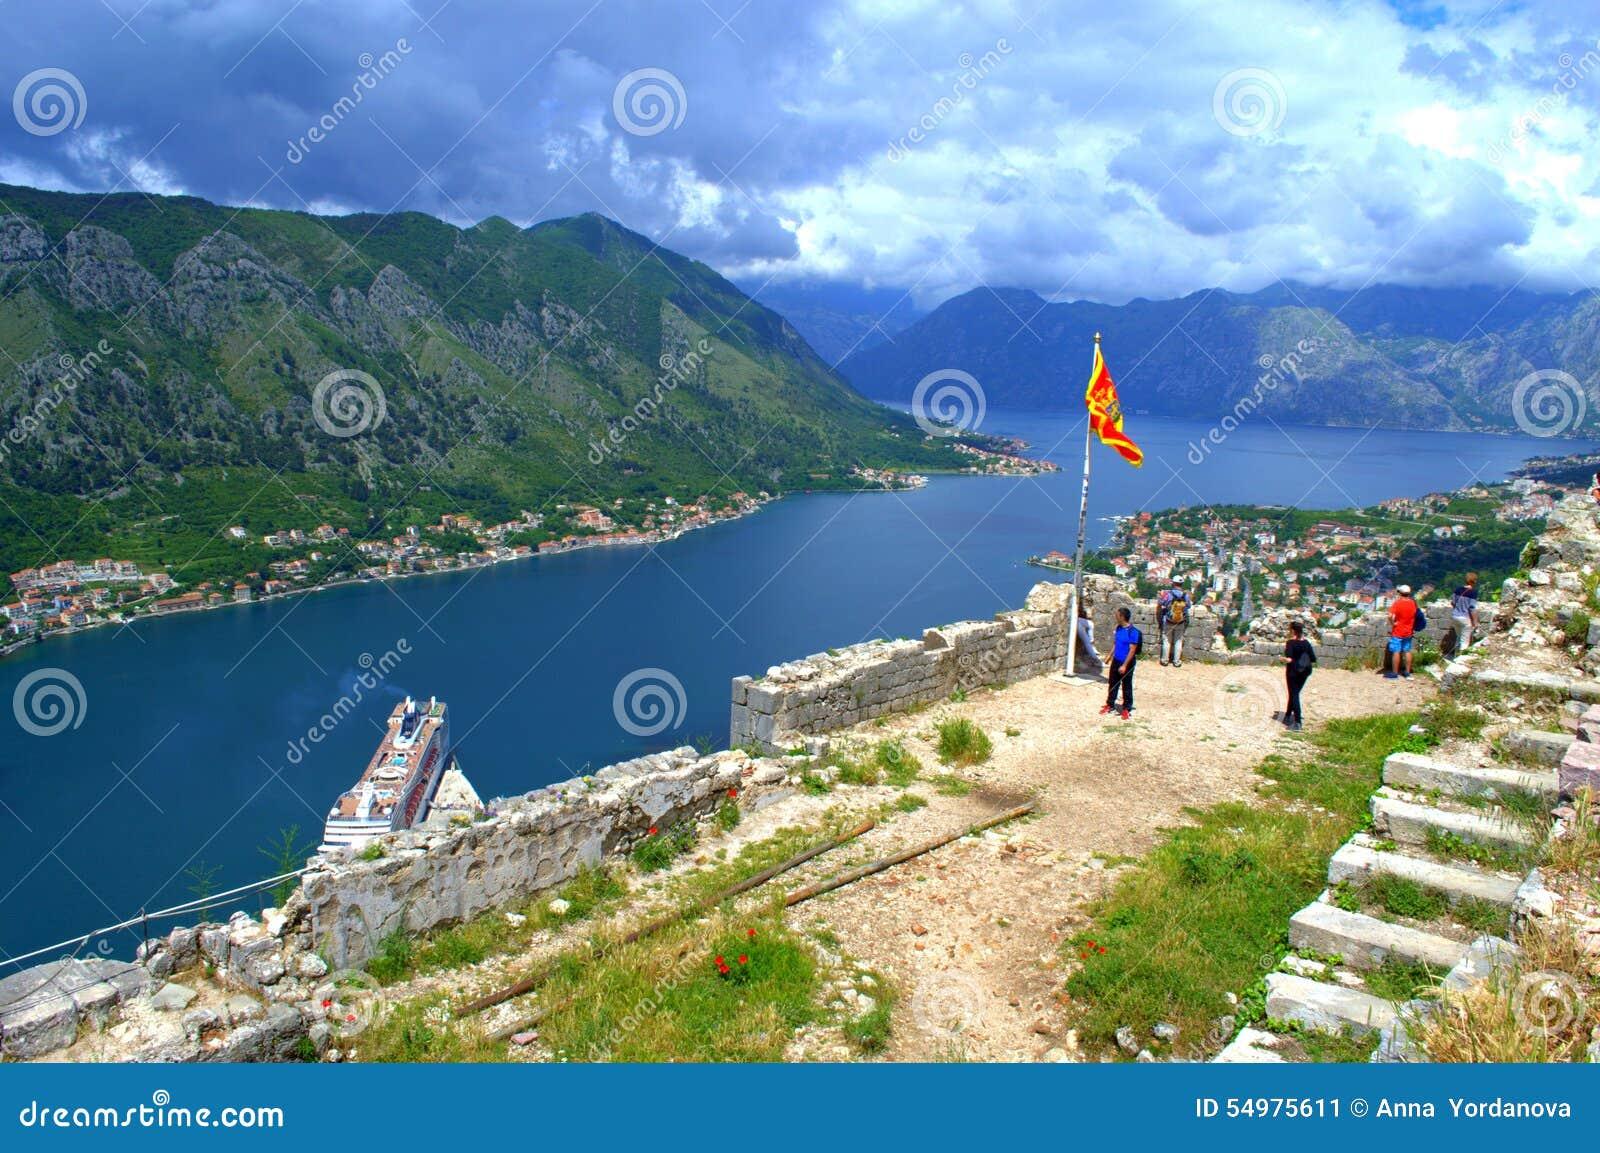 Touristes visitant le pays dans de vieilles fortifications